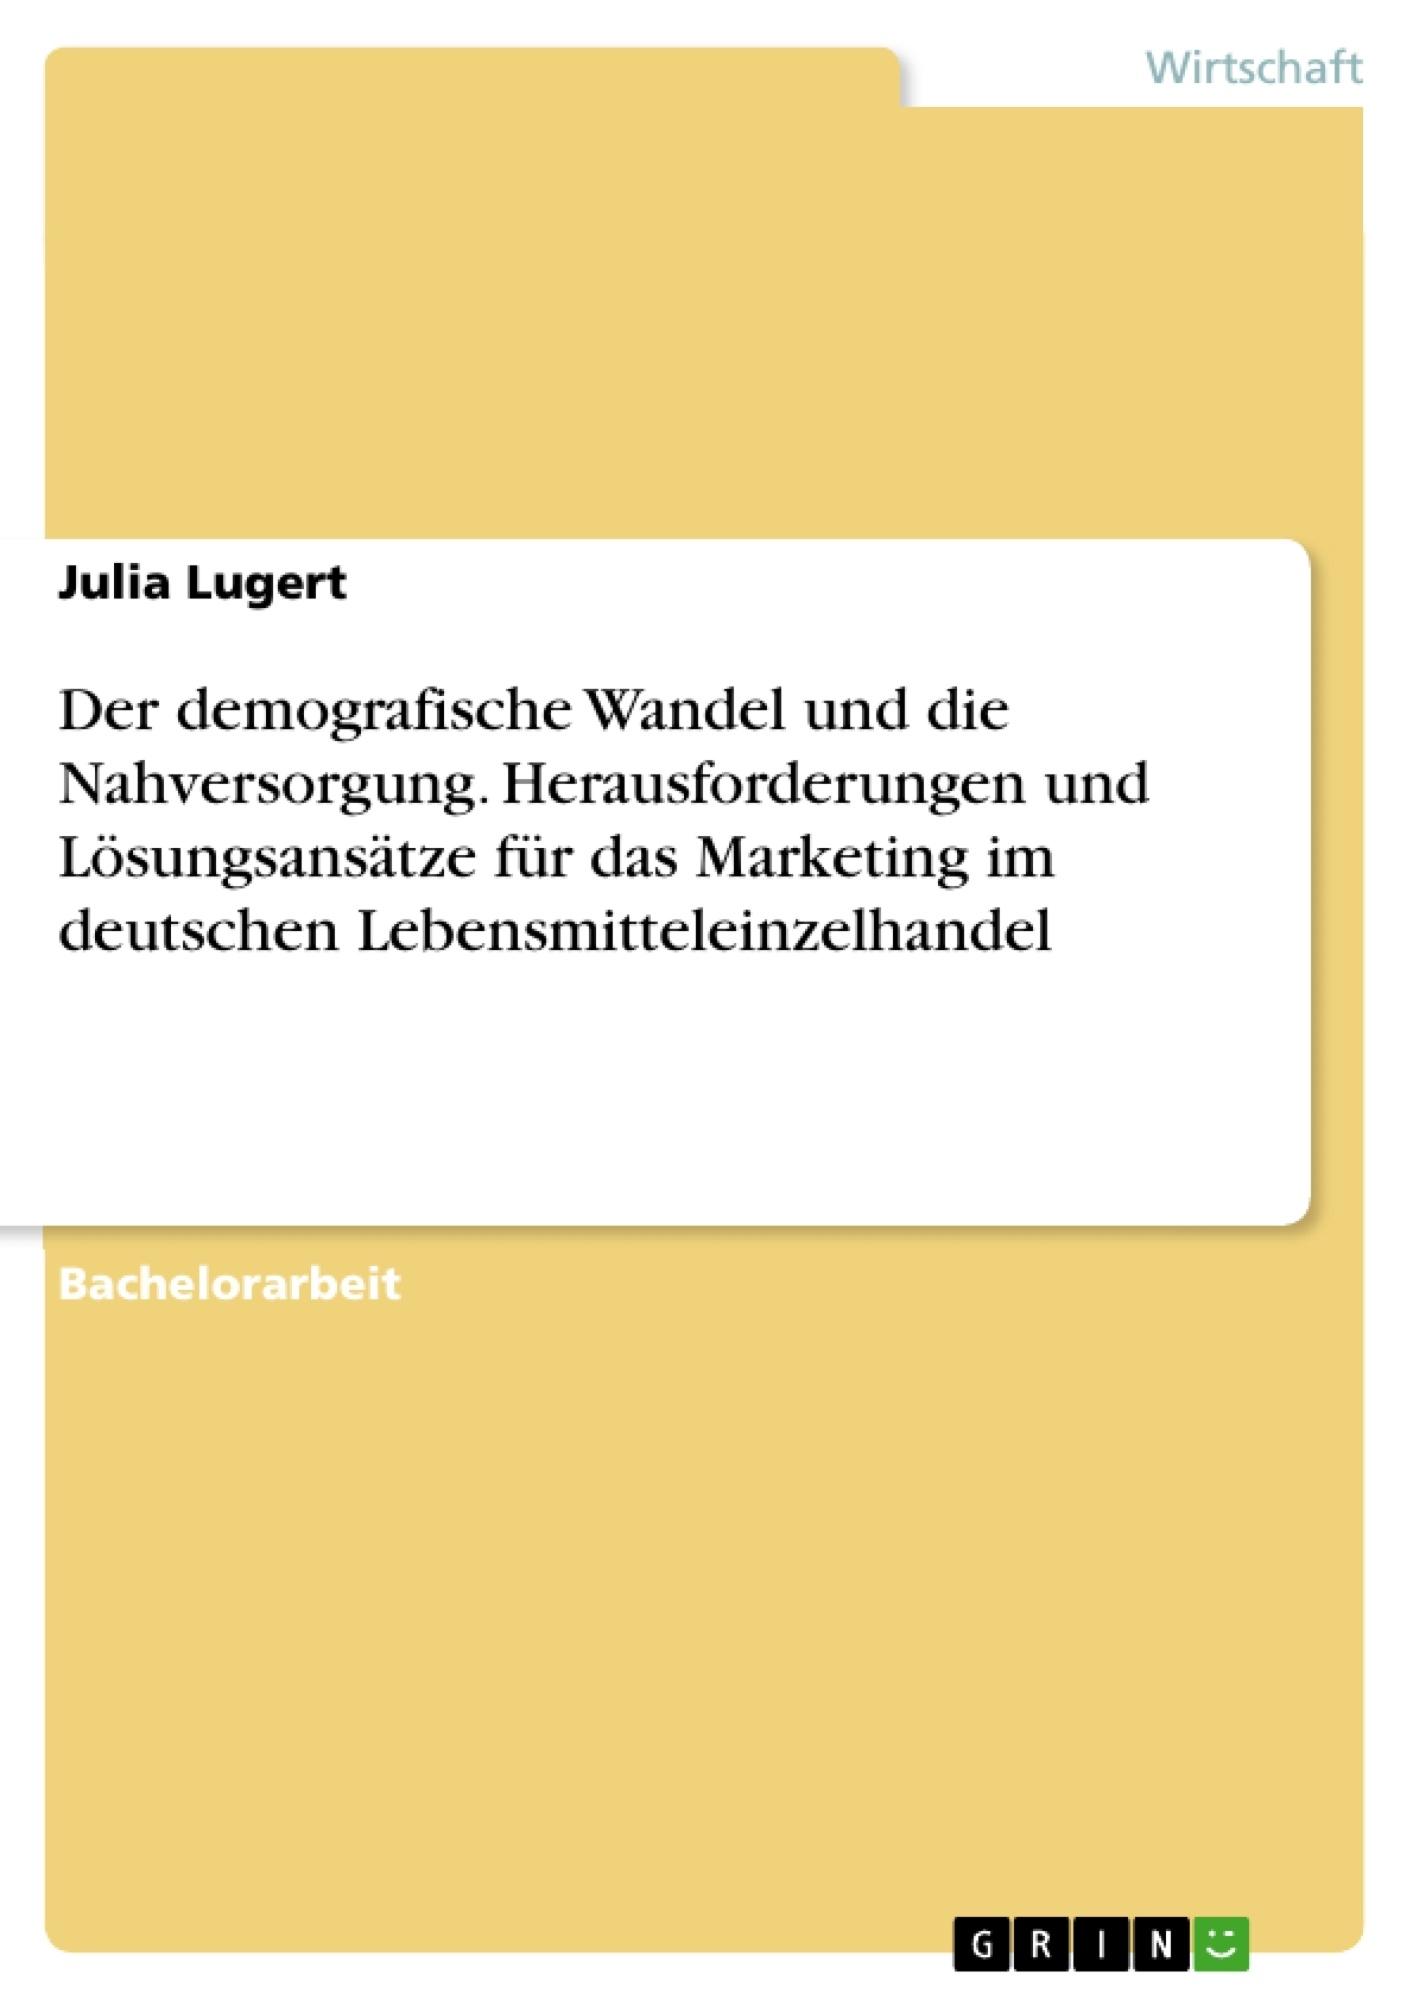 Titel: Der demografische Wandel und die Nahversorgung. Herausforderungen und Lösungsansätze für das Marketing im deutschen Lebensmitteleinzelhandel